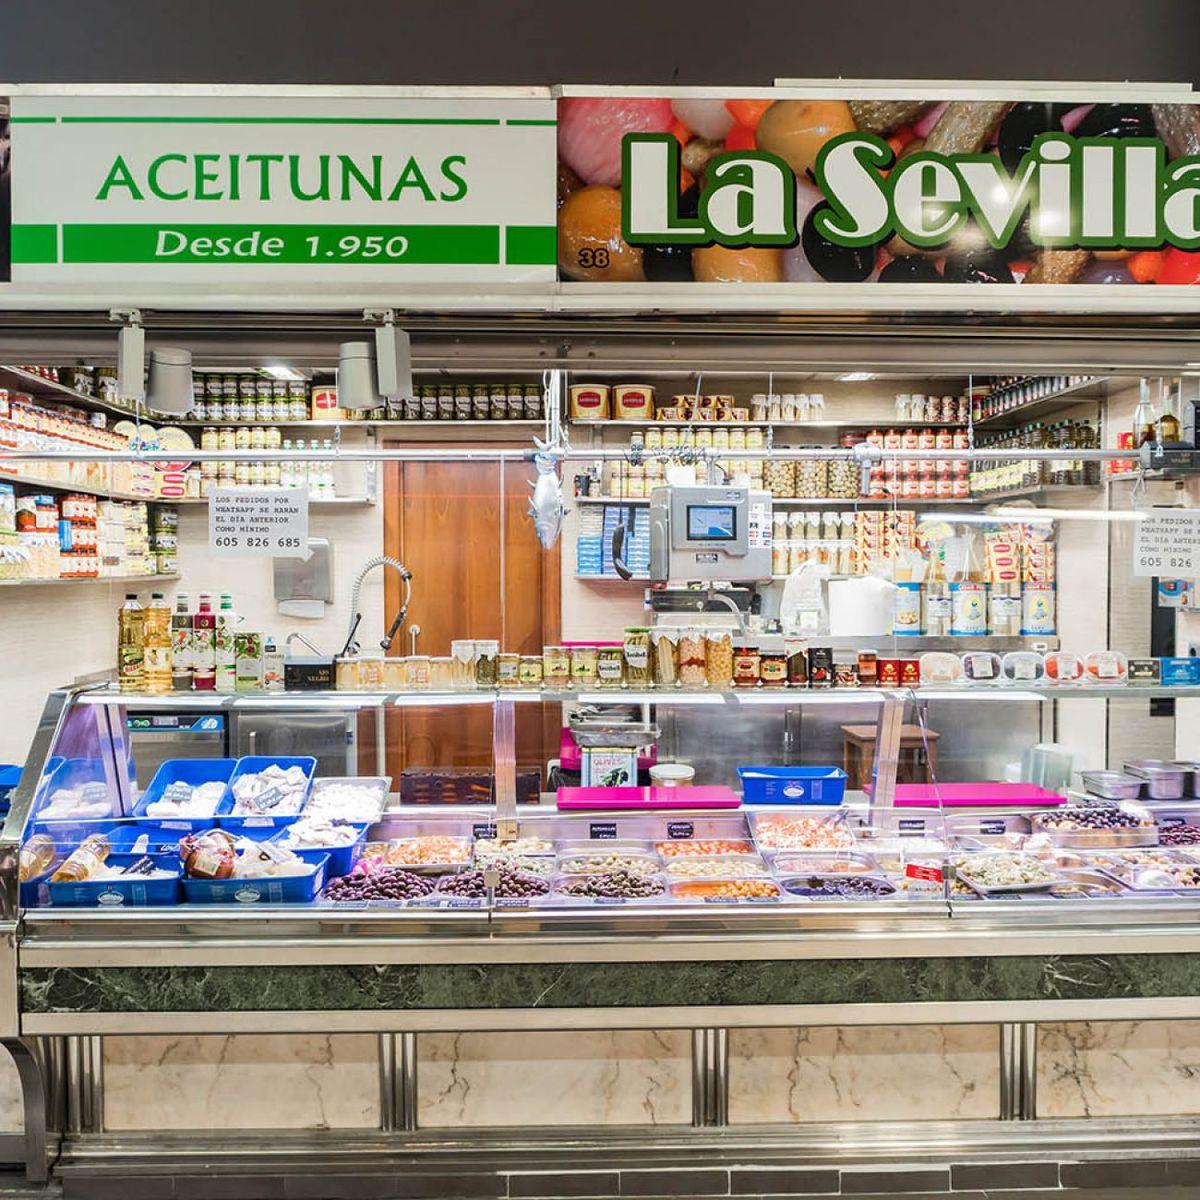 Aceitunas Encurtidos - La Sevillana